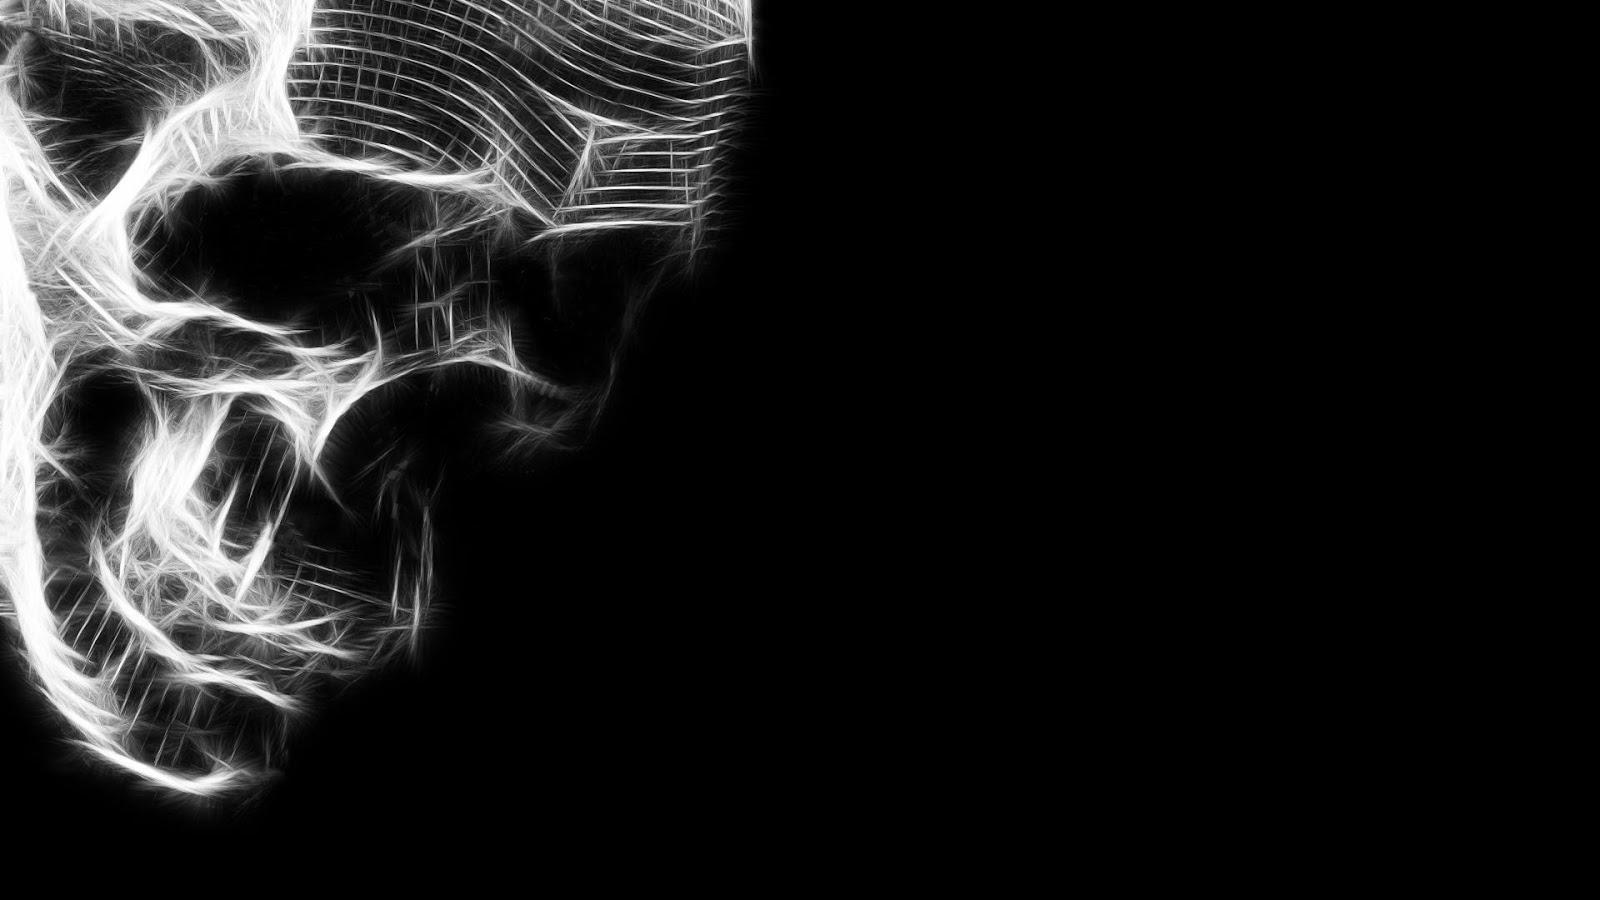 Digital Art Skull HD 1080p Wallpaper Black and White